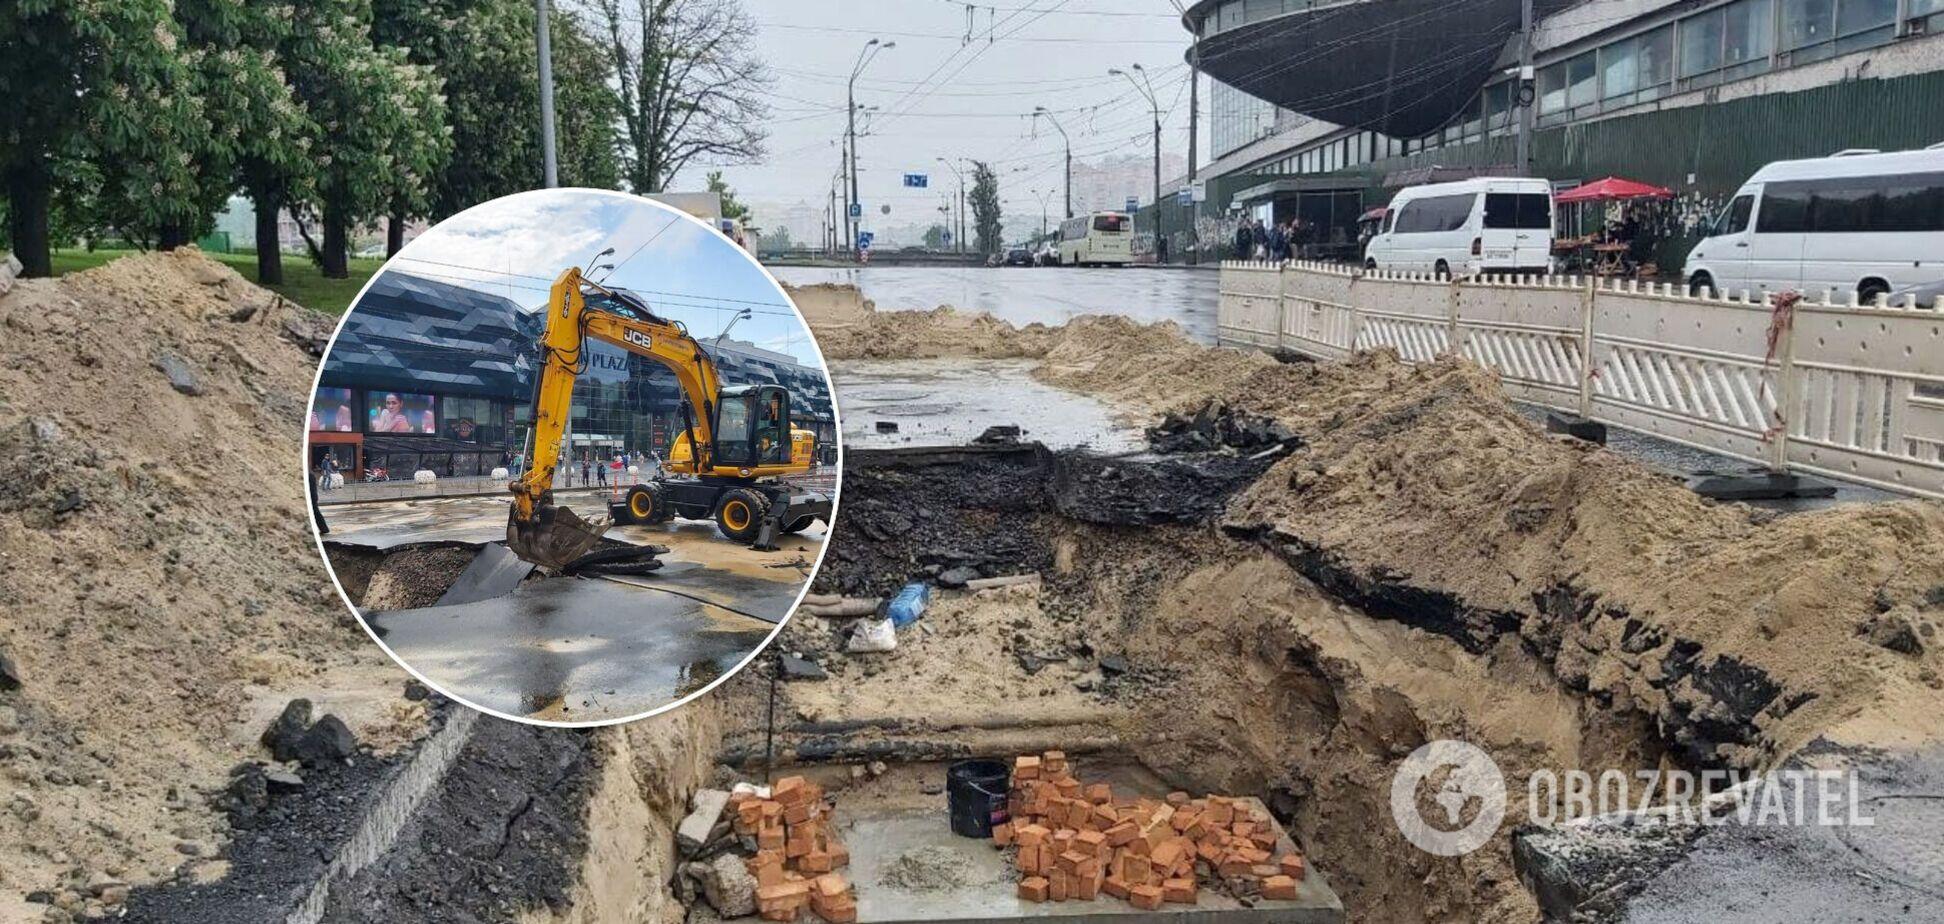 У центрі Києва утворився величезний провал: як комунальники усувають наслідки НП. Фото